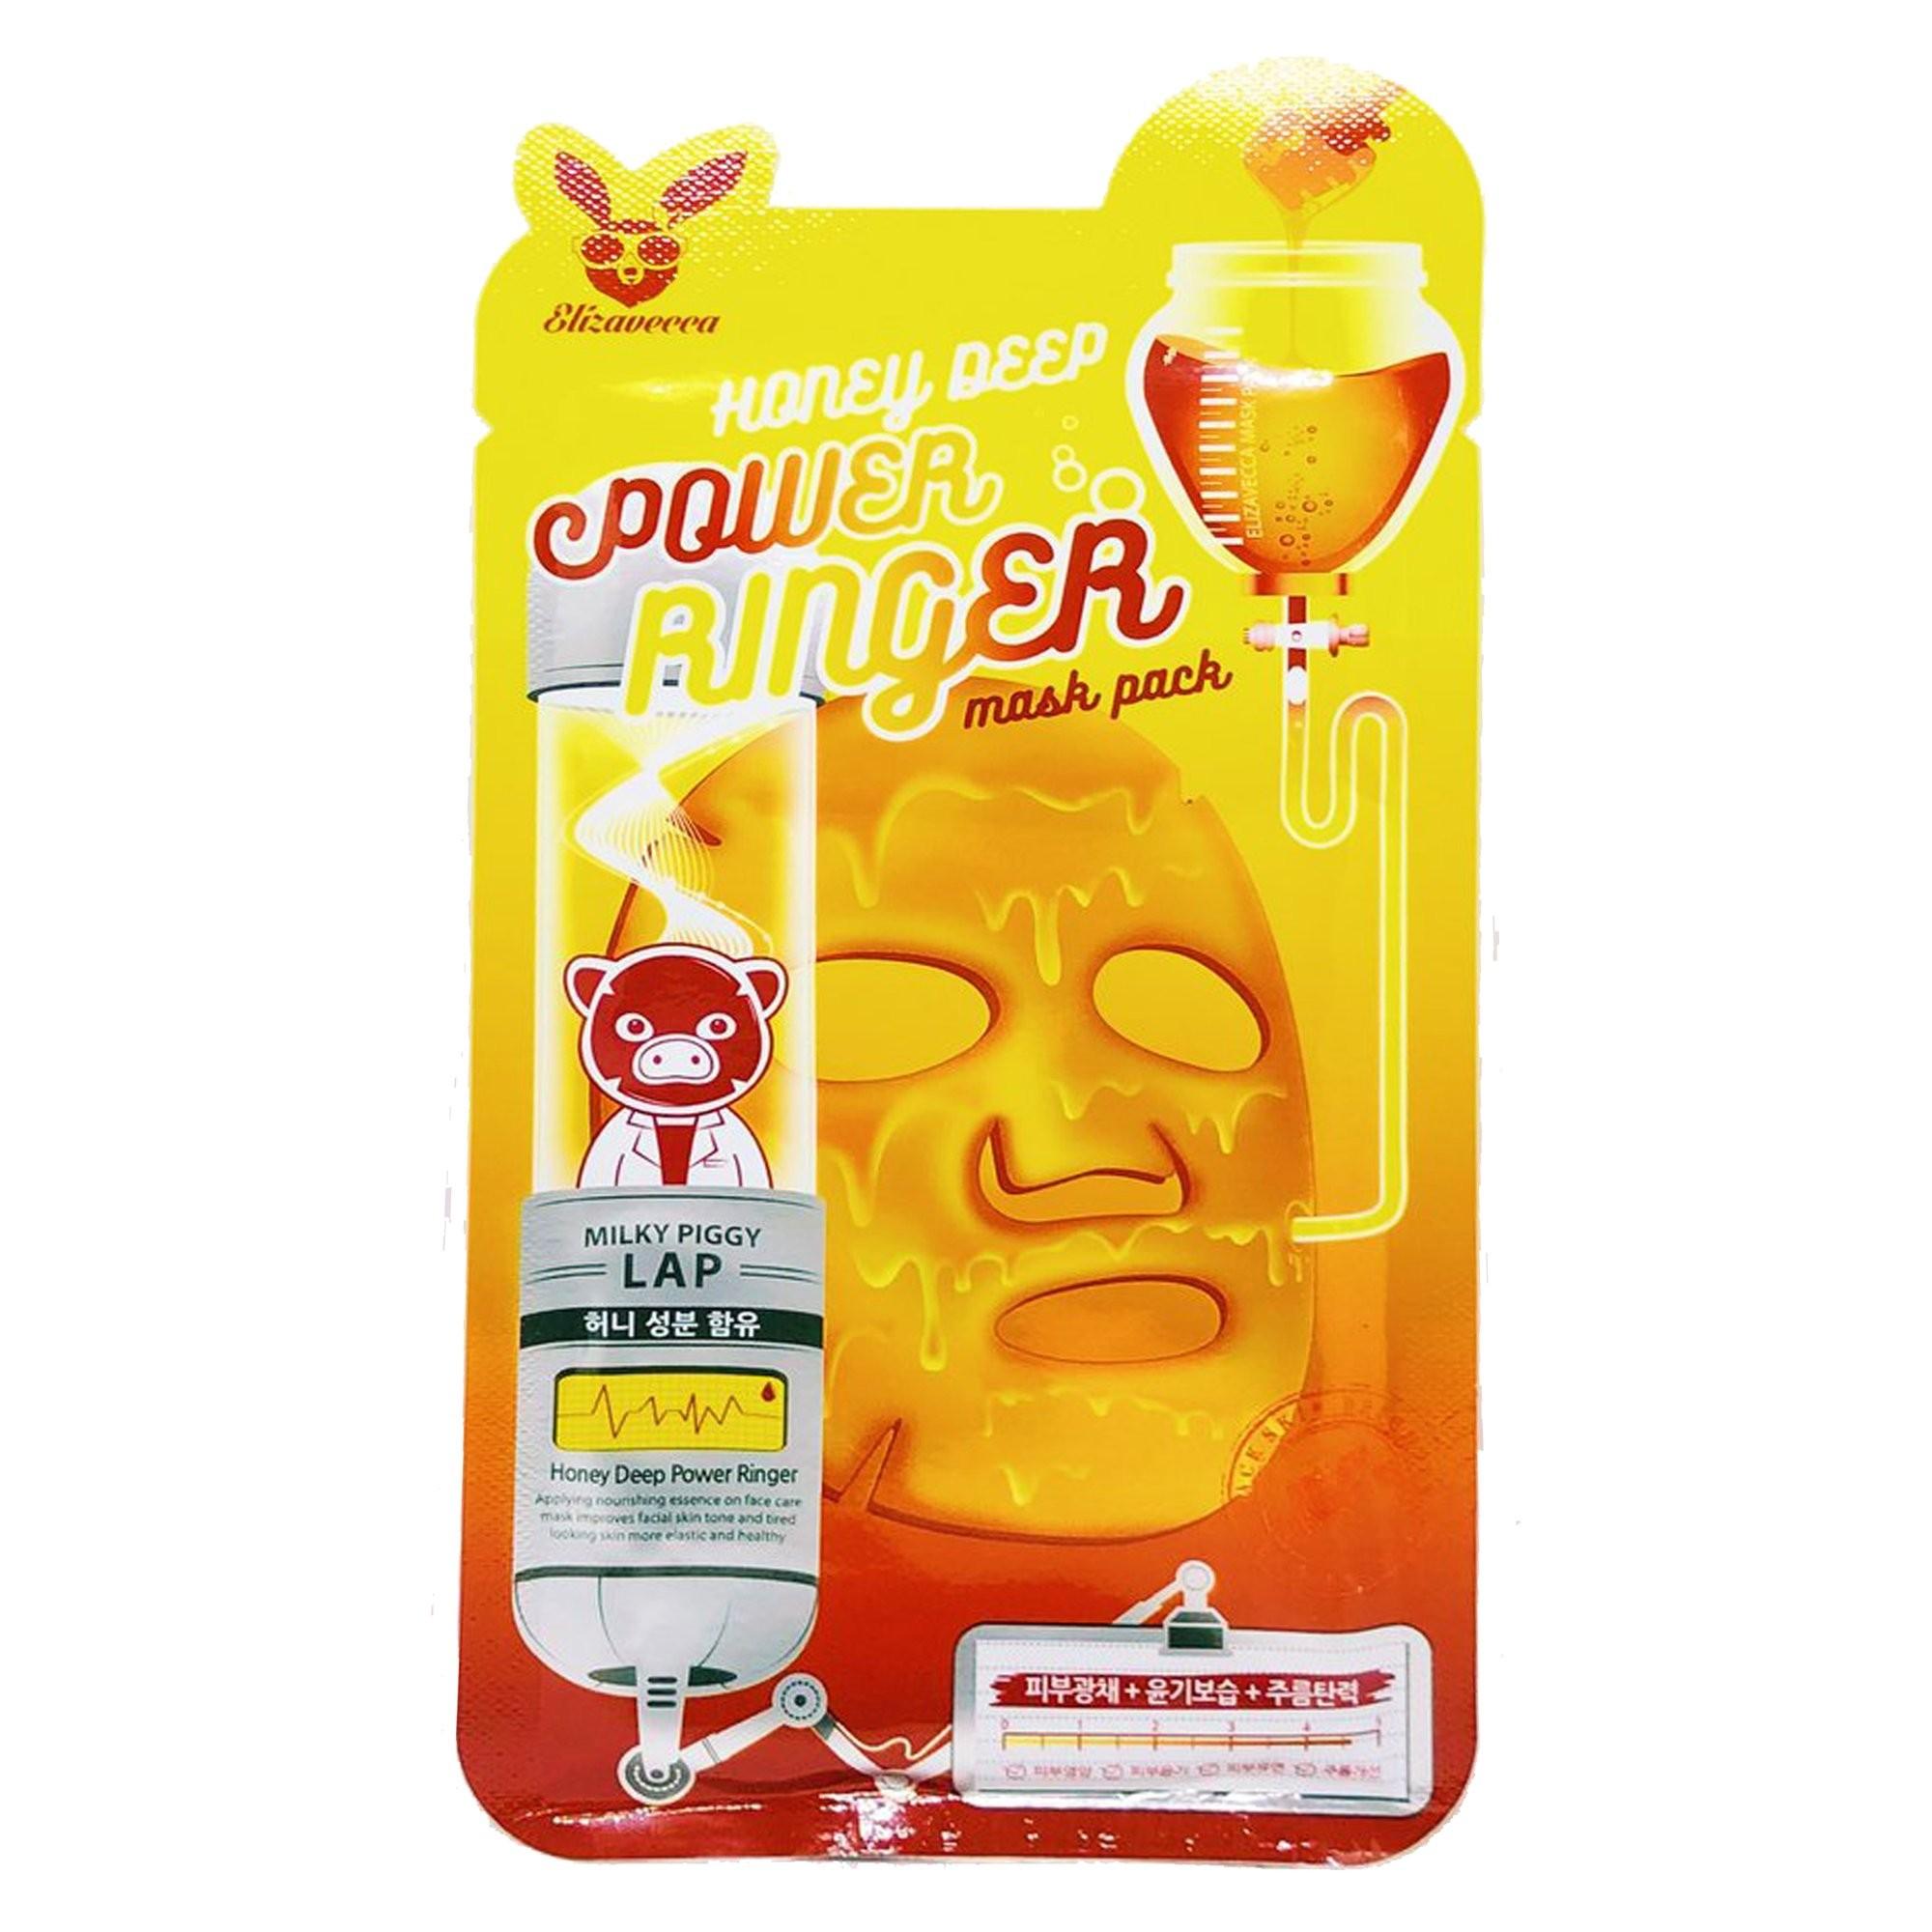 Elizavecca - Honey Deep Power Ringer Mask Pack